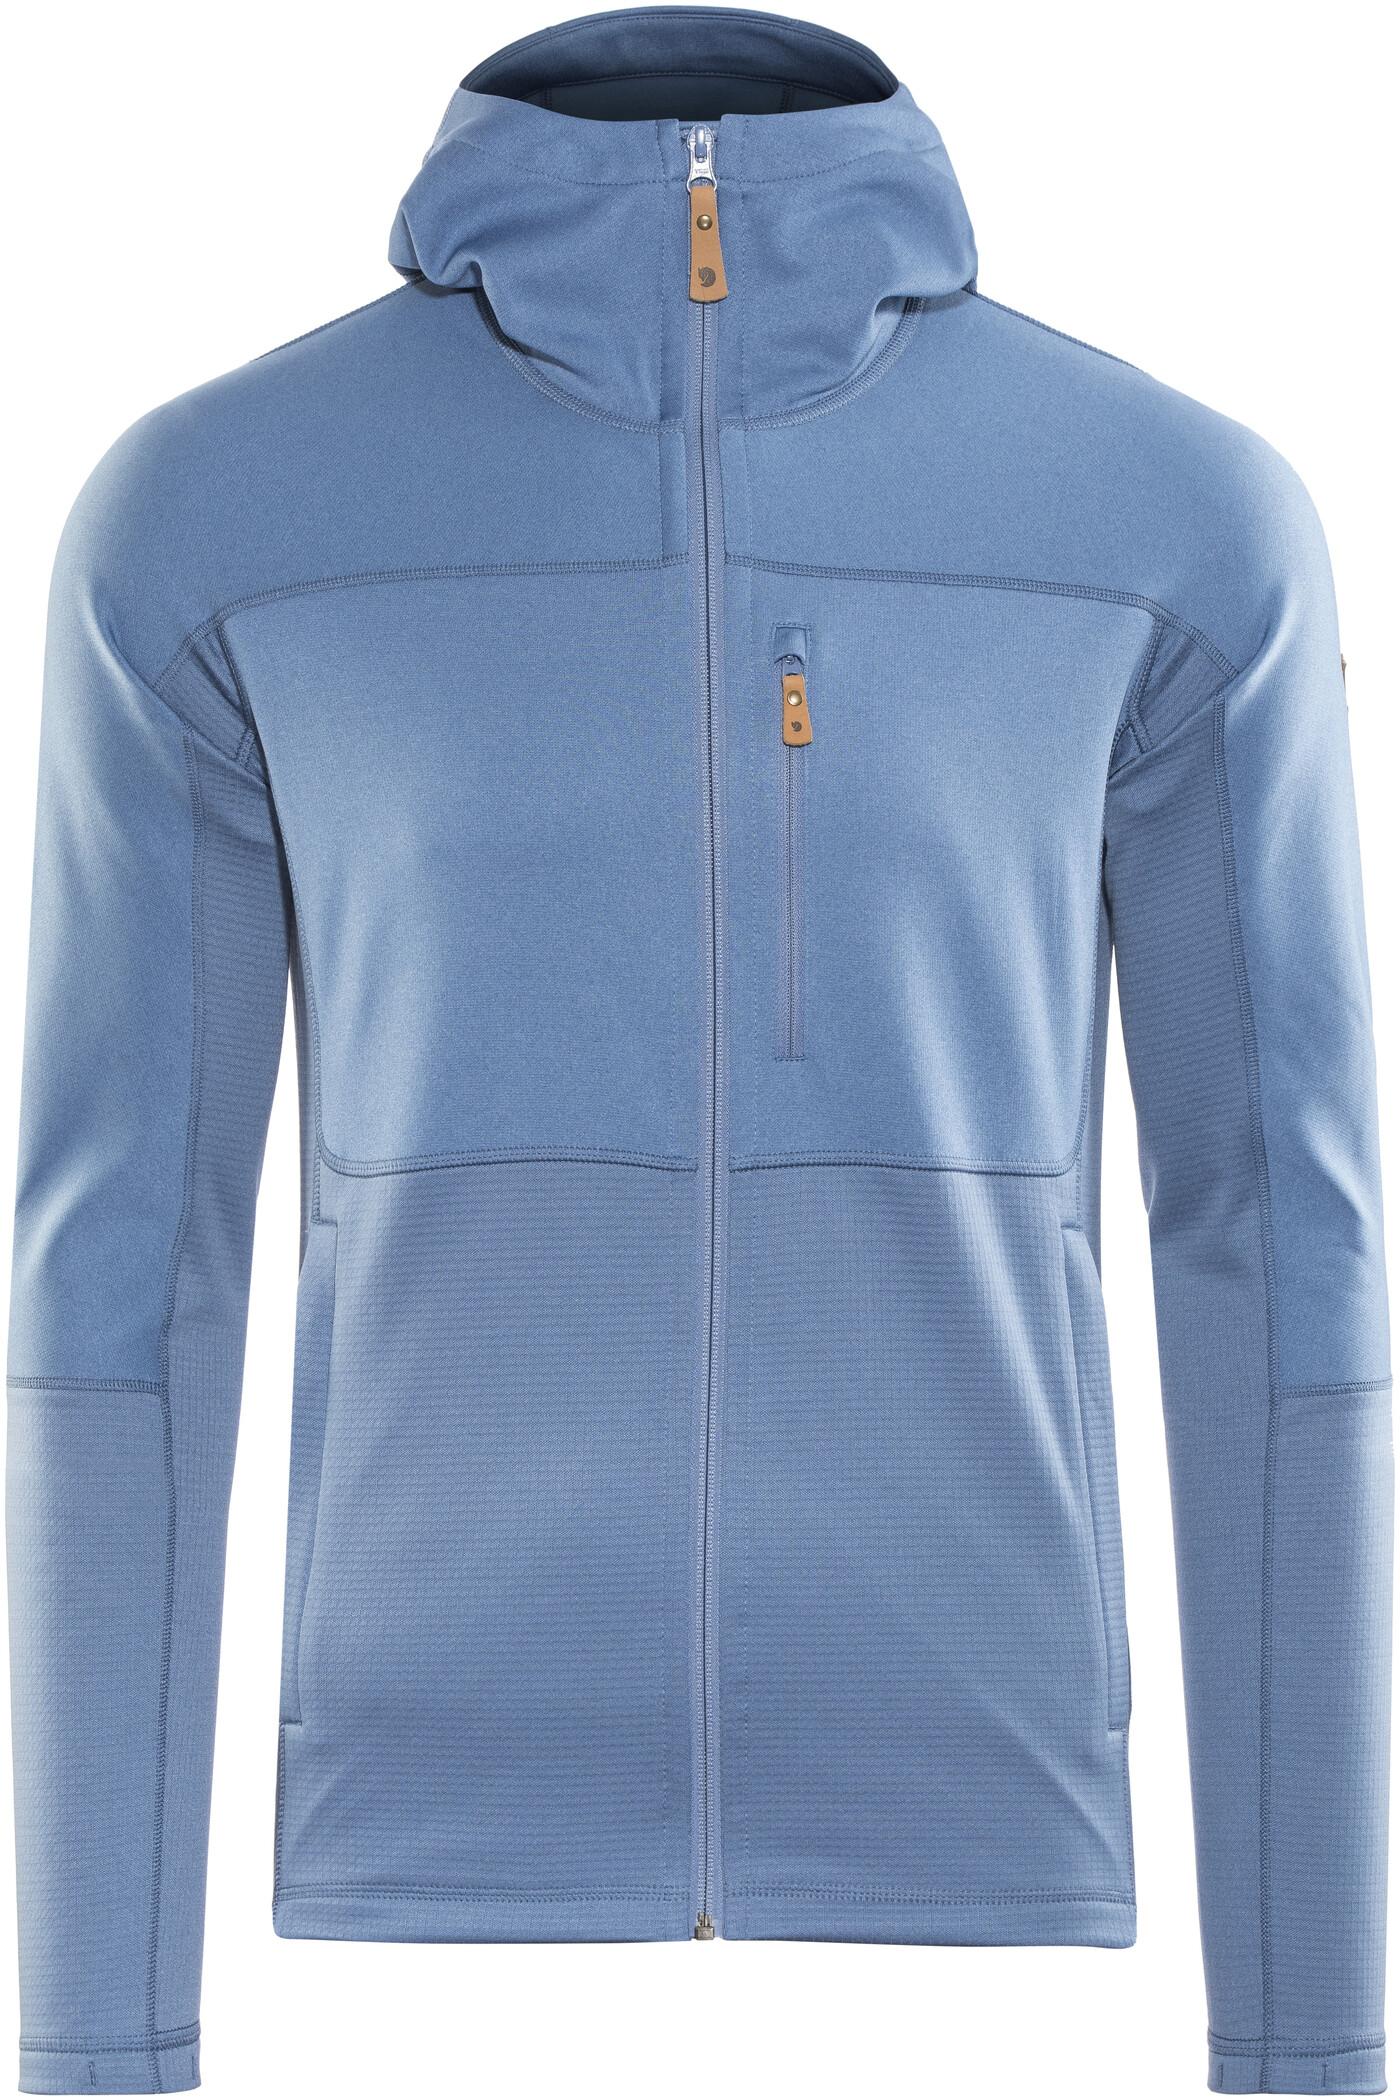 FJ/ÄLLR/ÄVEN Herren Abisko Trail Fleece Pullover Und Sweatshirt